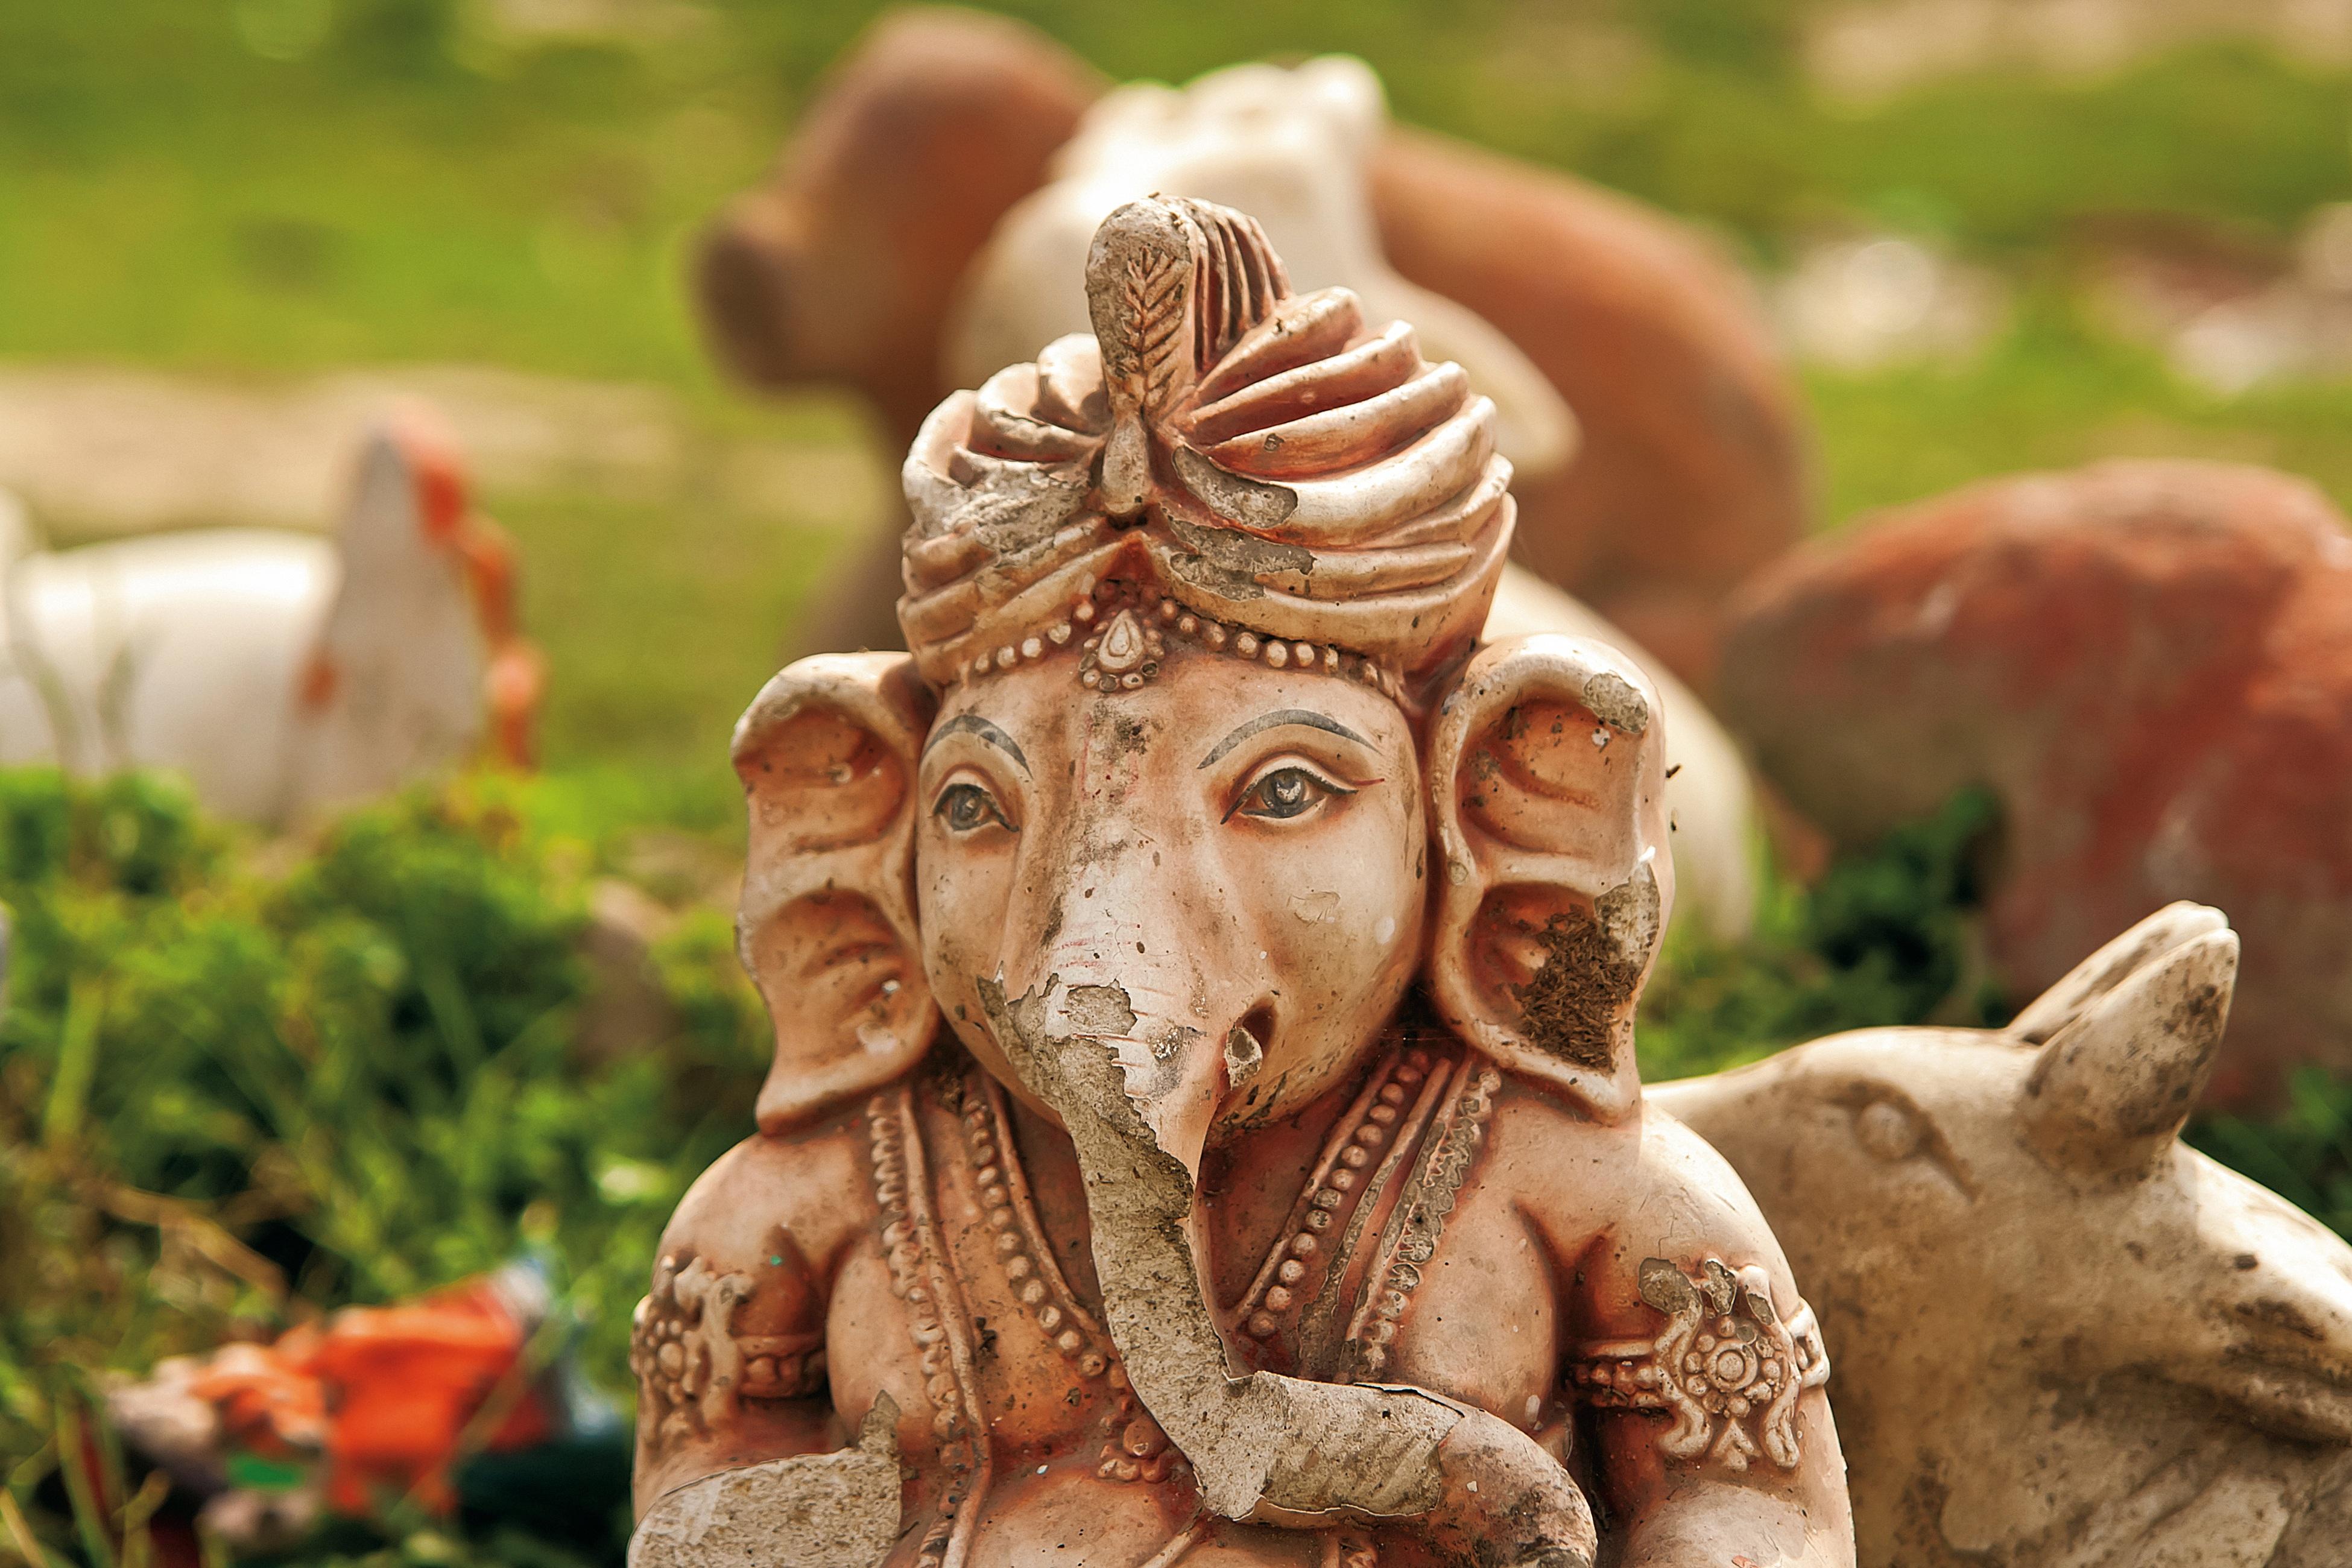 Gambar Antik Tua Hewan Batu Monumen Perjalanan Asia